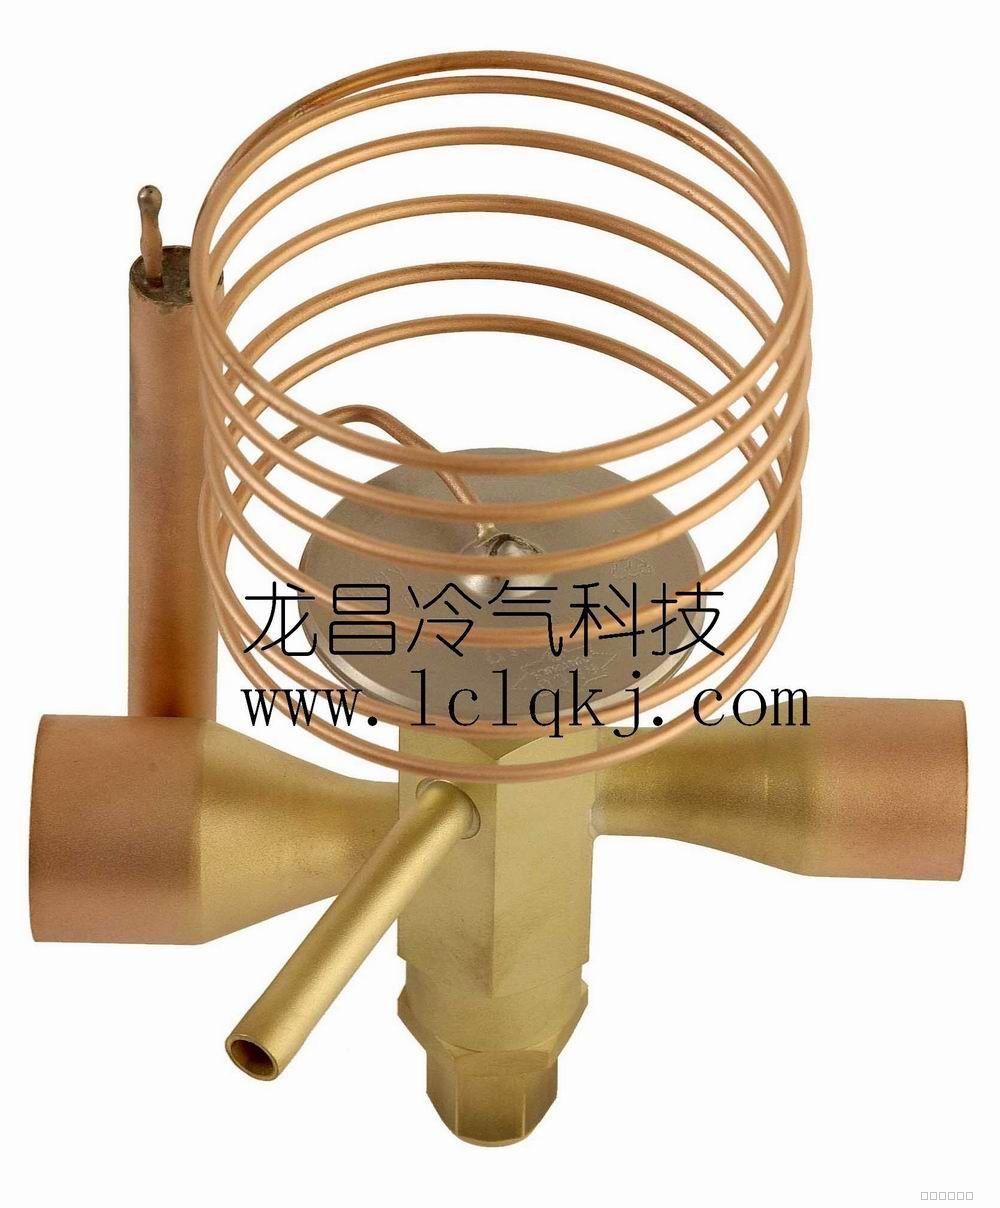 艾高膨胀阀,由专业的艾高膨胀阀厂家,龙昌冷气科技有限公司高清图片